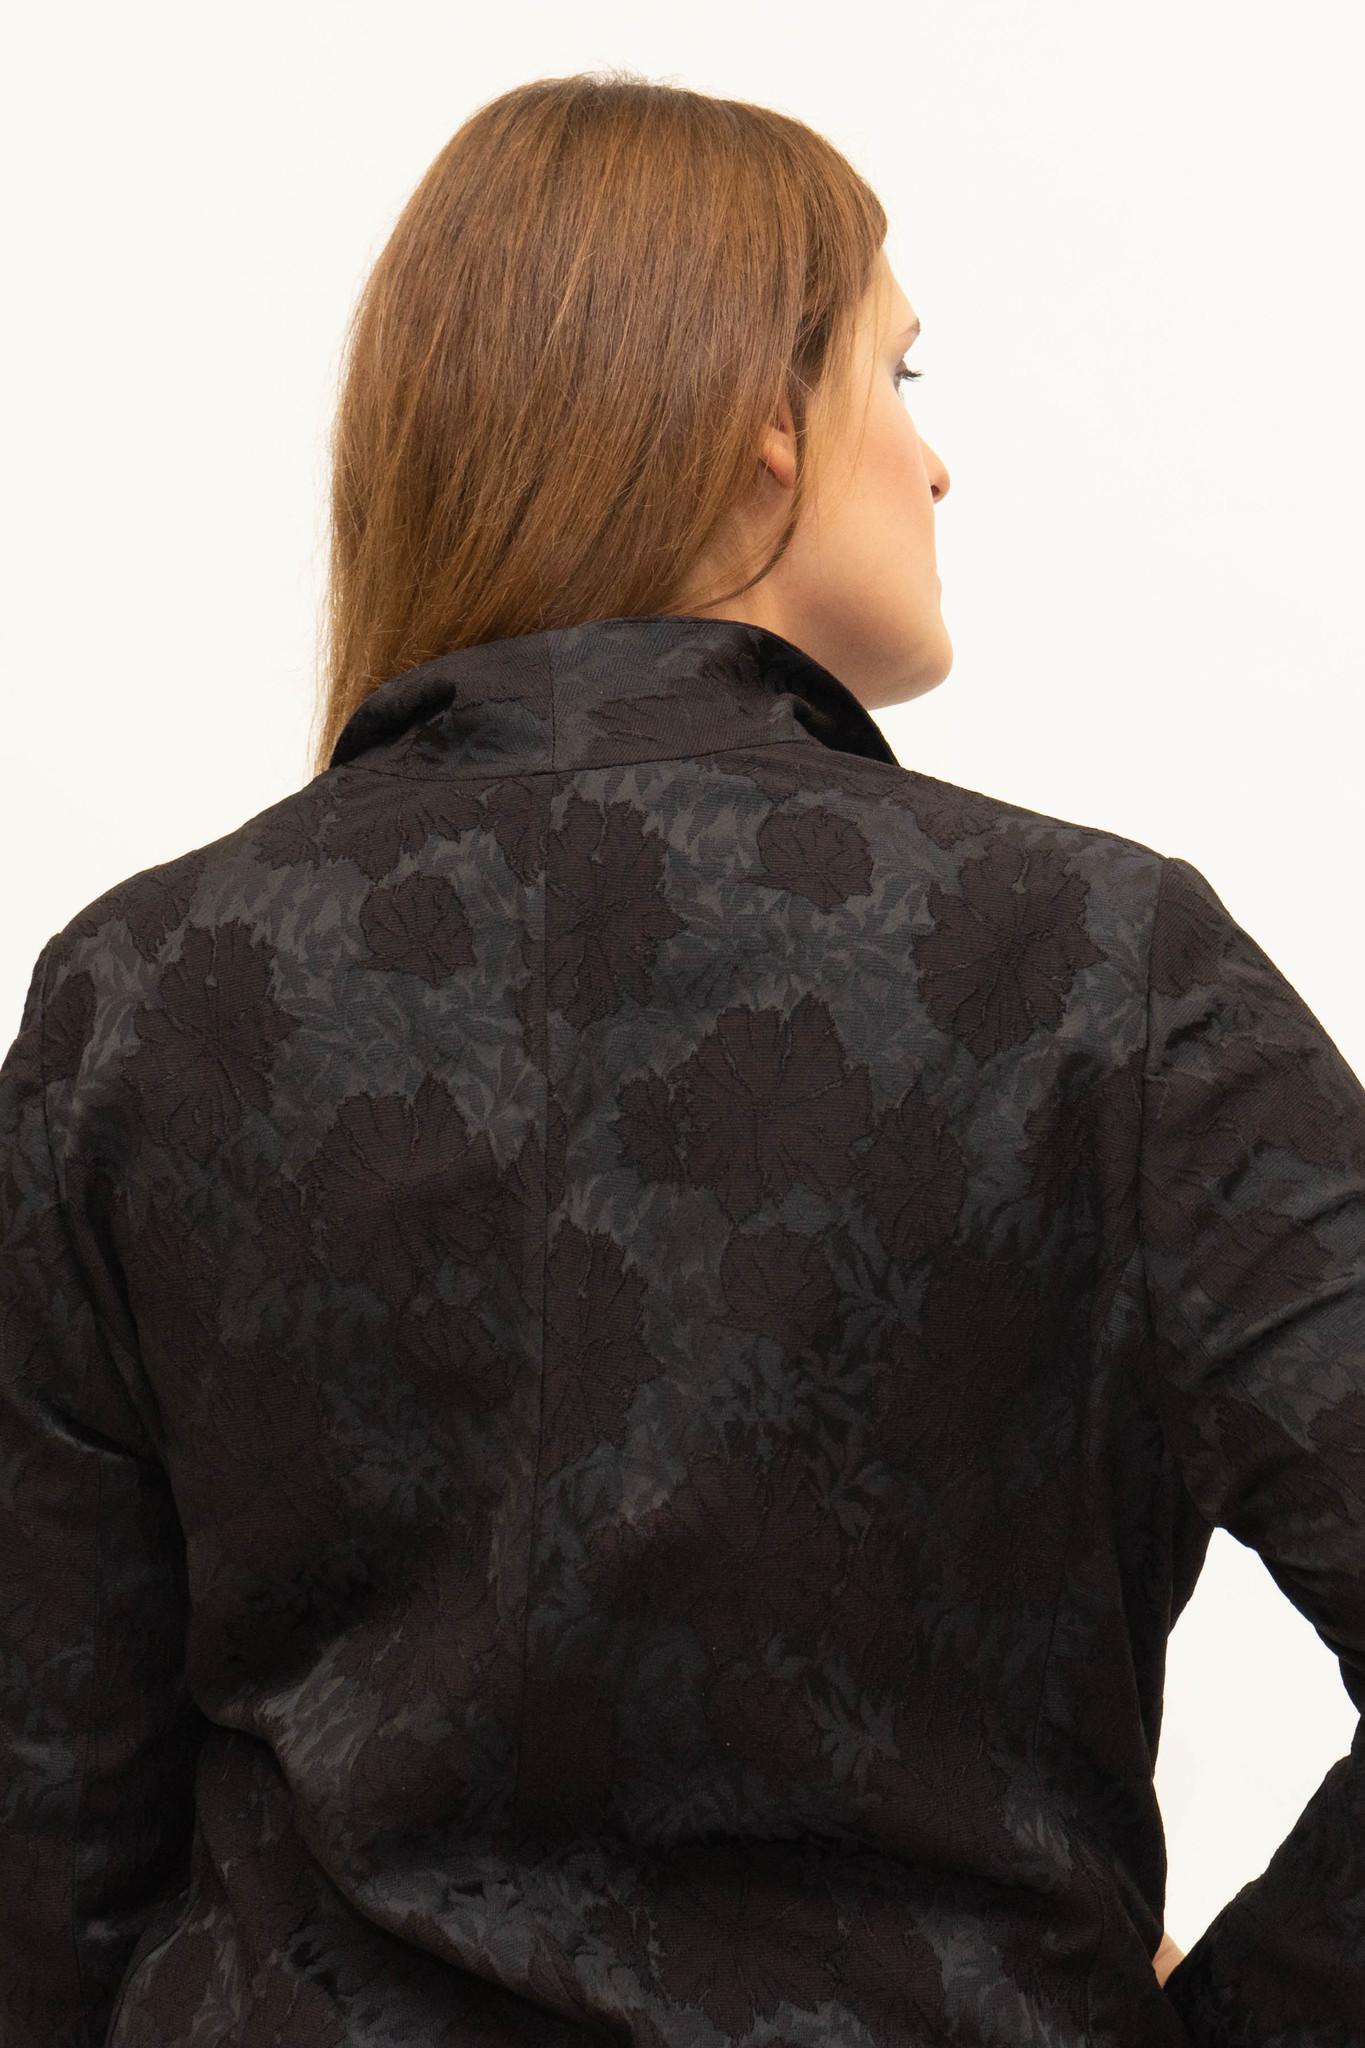 AMELIA Jacket in Viscose Jacquard-4